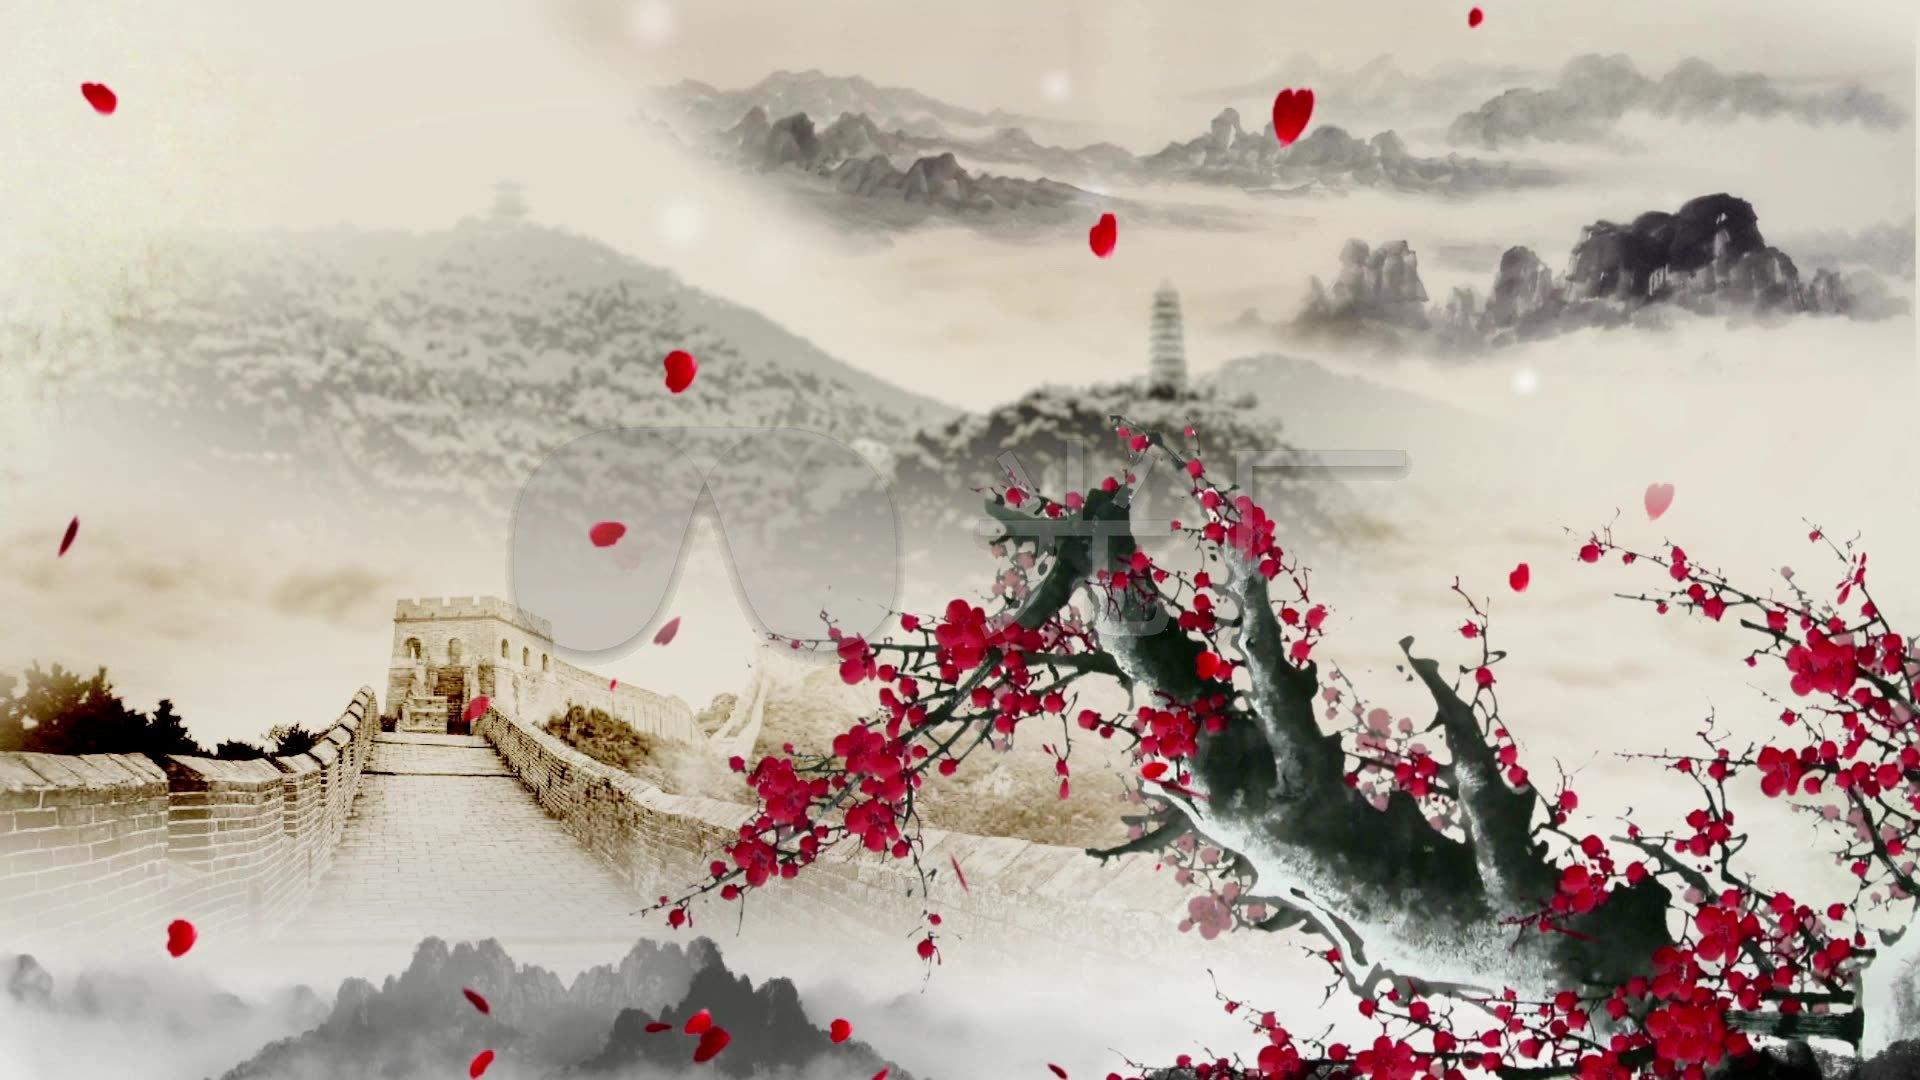 视频红梅赞大屏幕背景视频_1920X1080_高清歌曲翻唱的图片